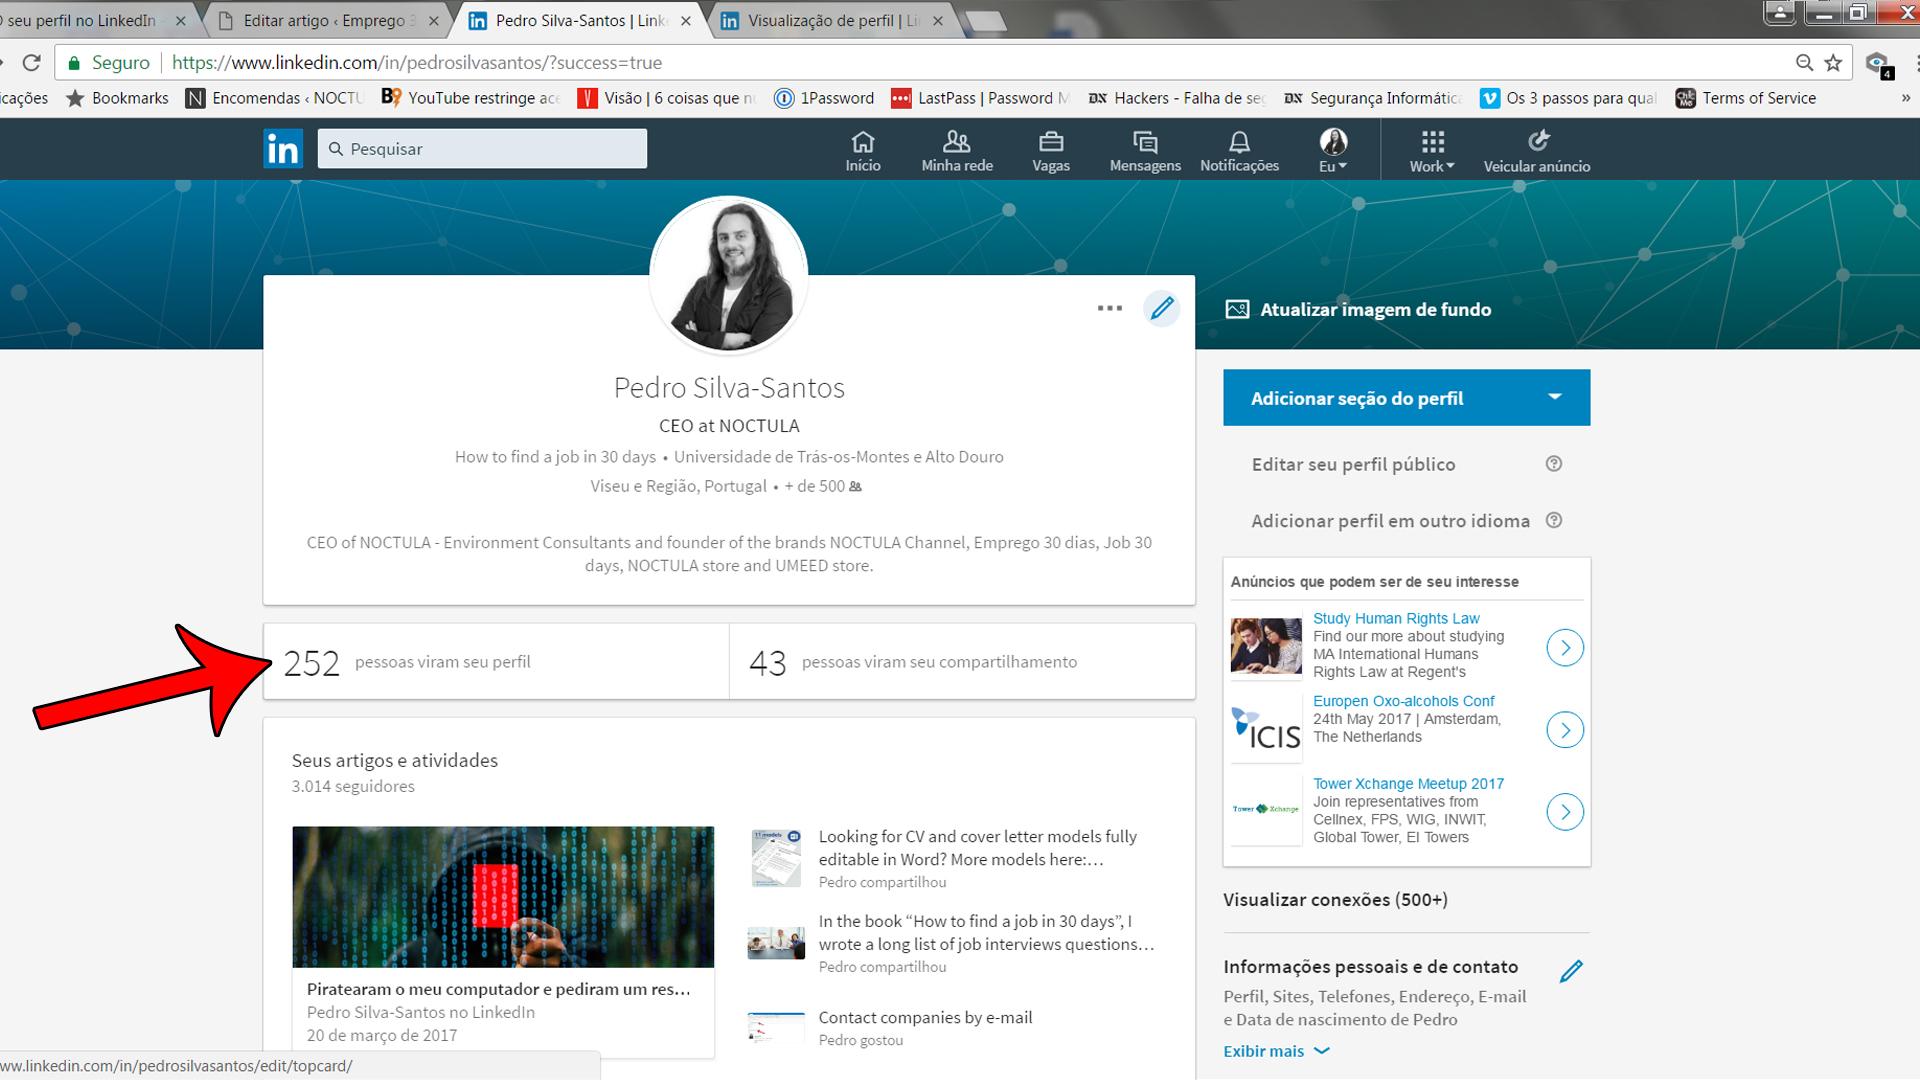 quem viu o seu perfil LinkedIn